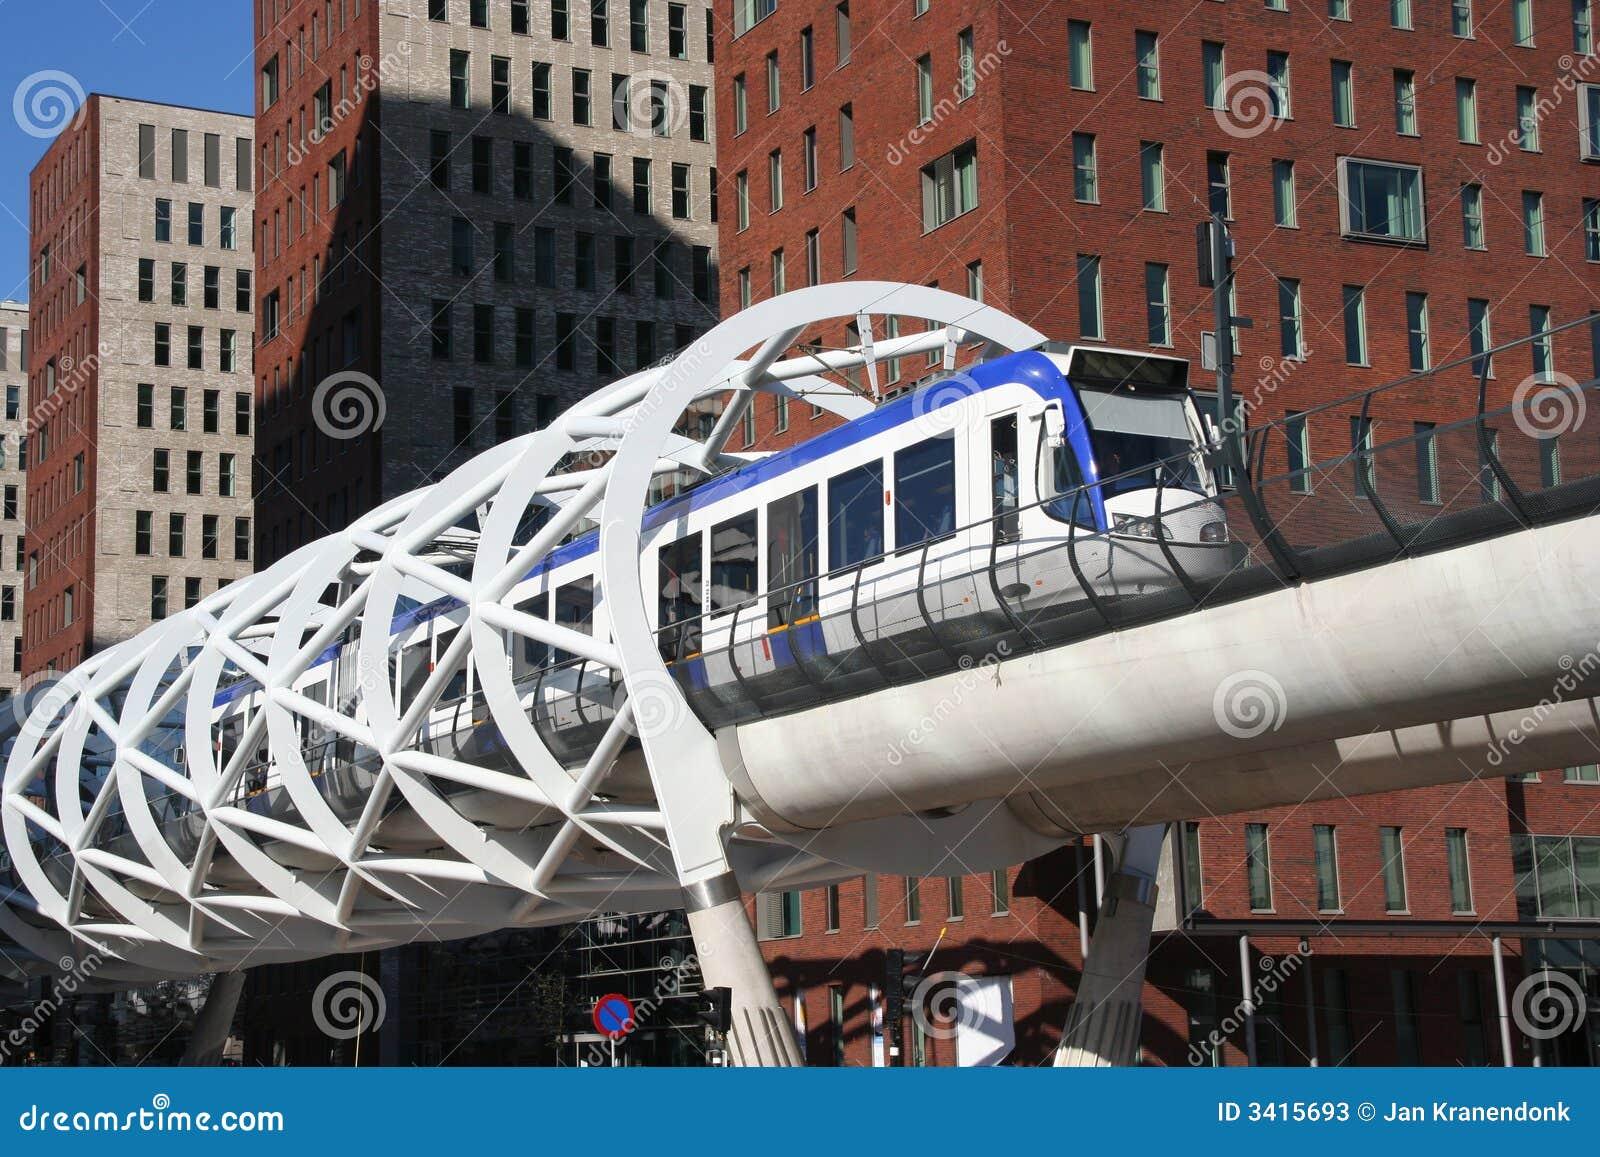 speed-tram-3415693.jpg